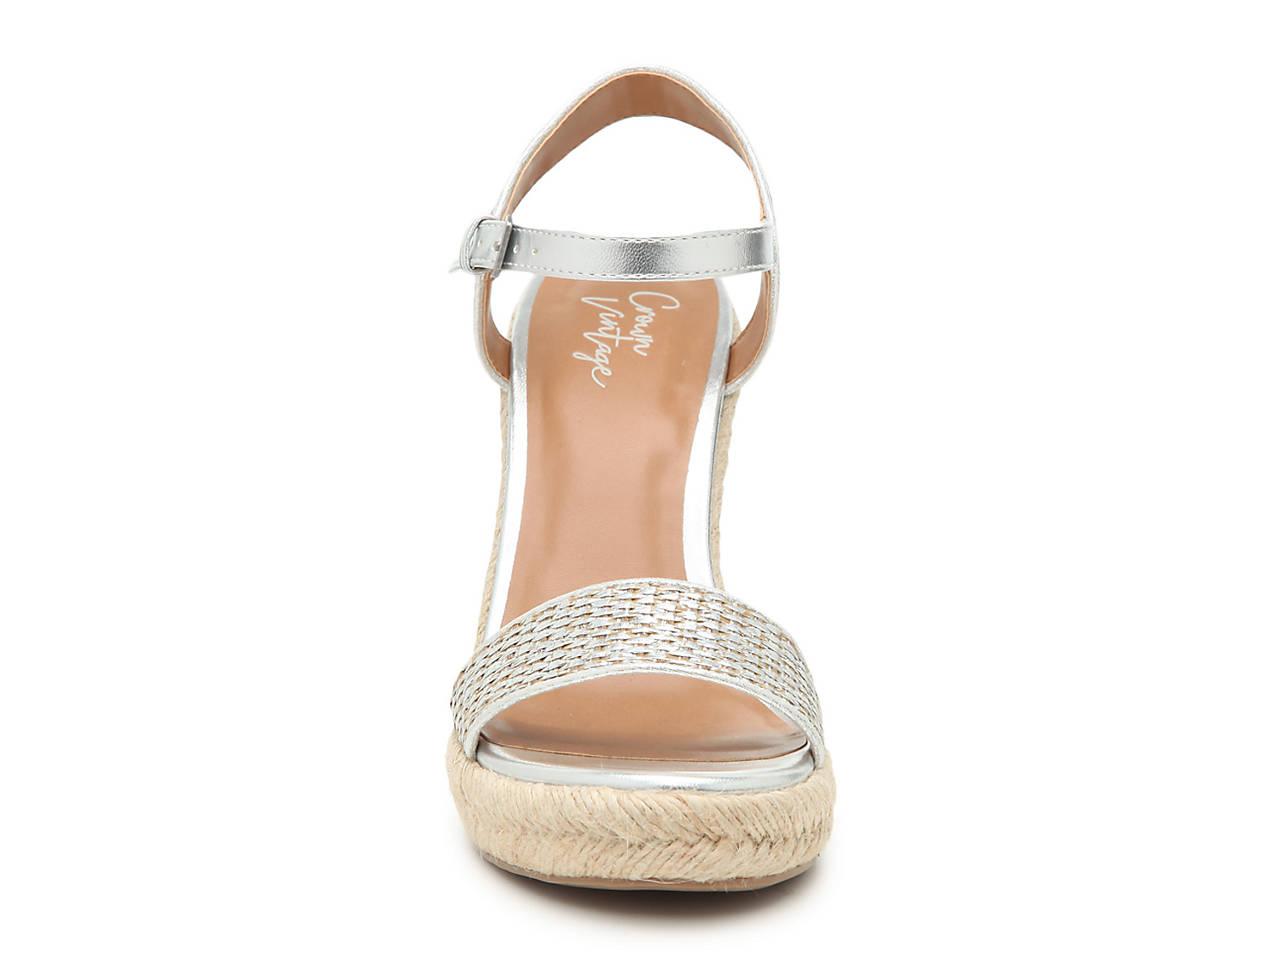 530c118810d Crown Vintage Vediccity Wedge Sandal Women s Shoes